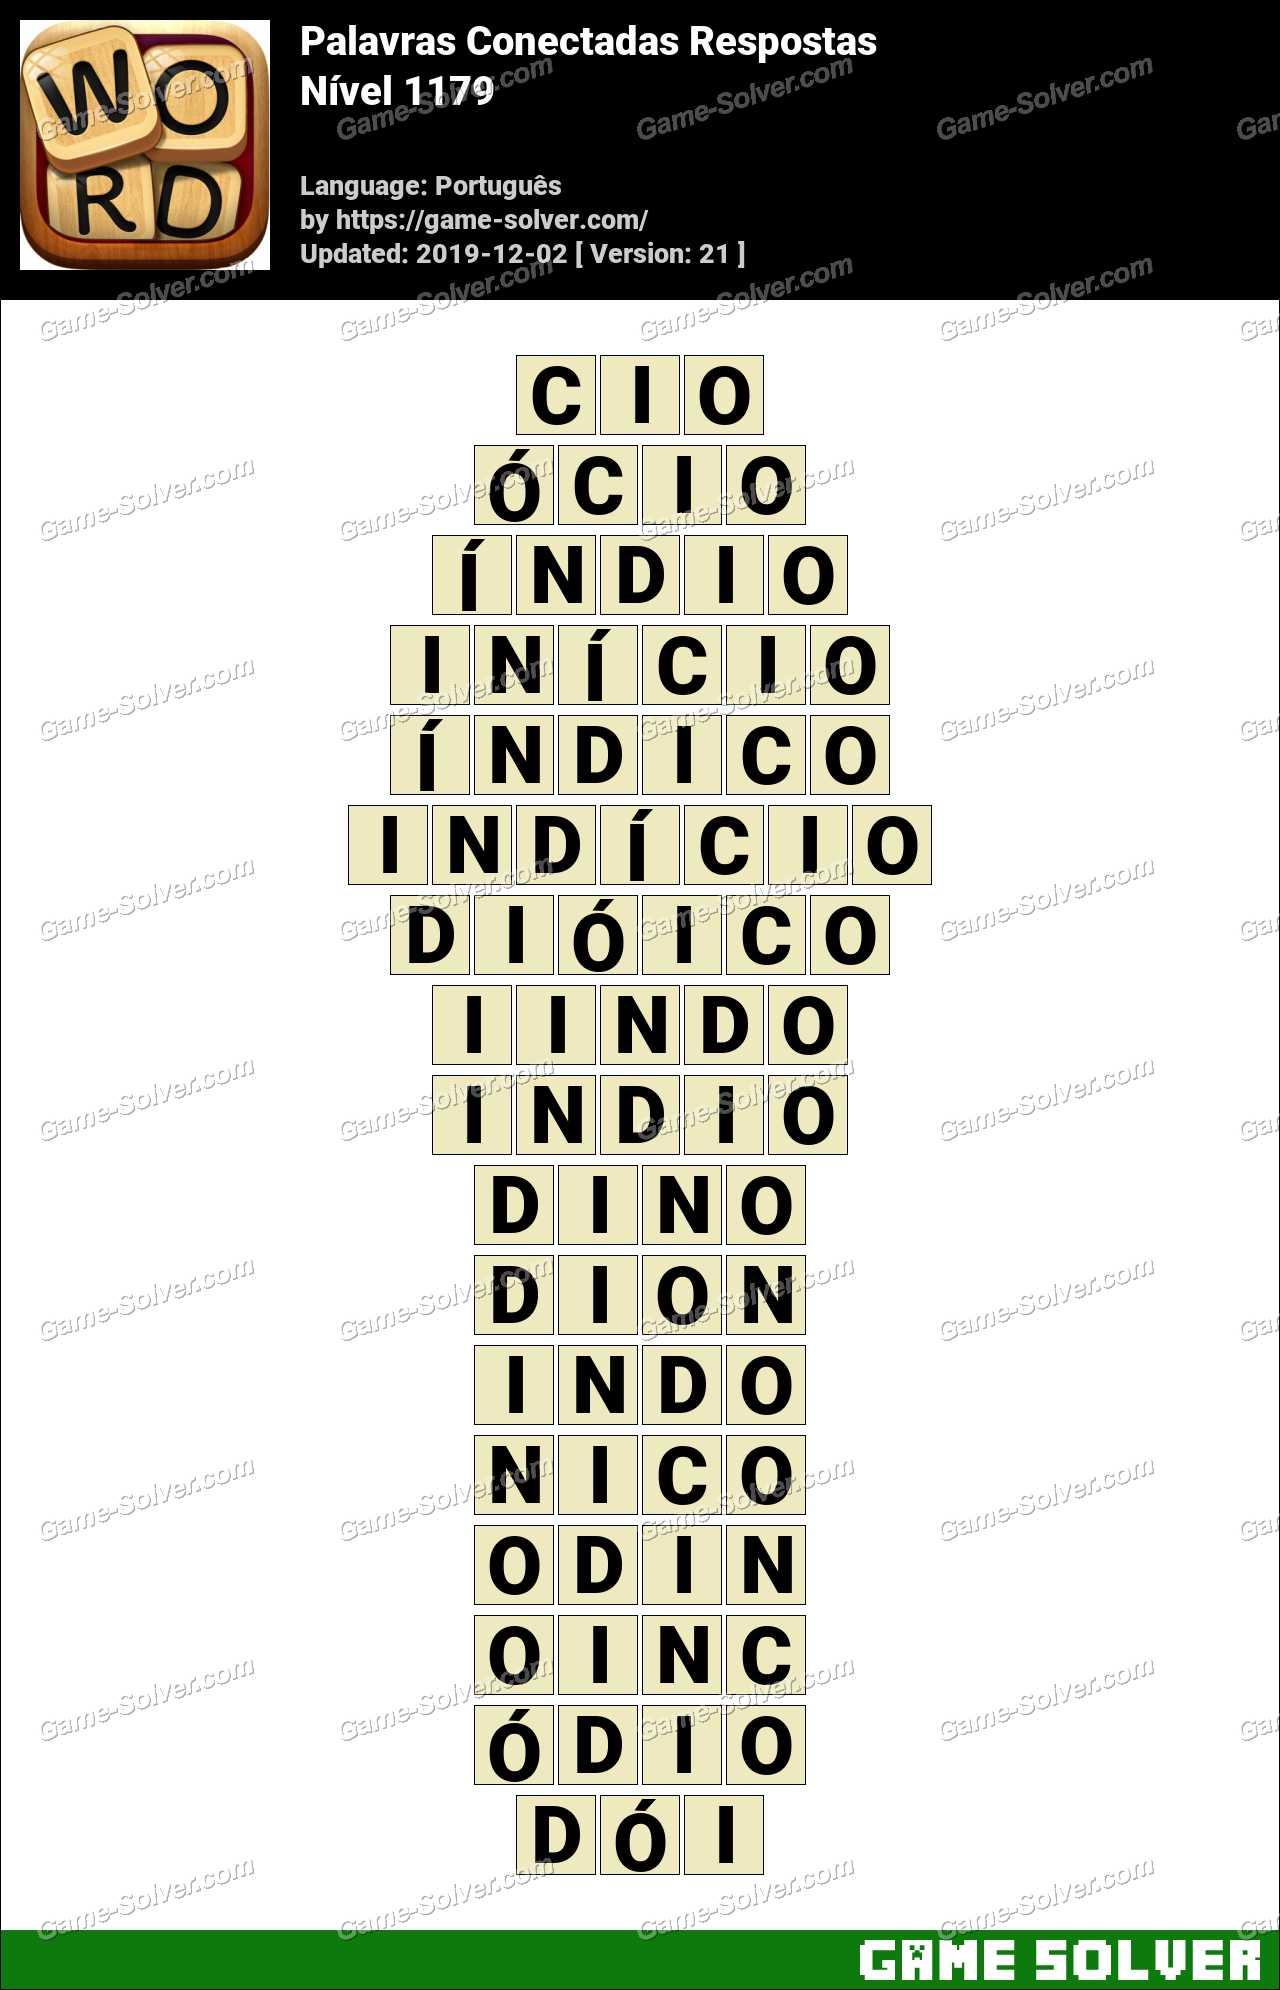 Palavras Conectadas Nivel 1179 Respostas